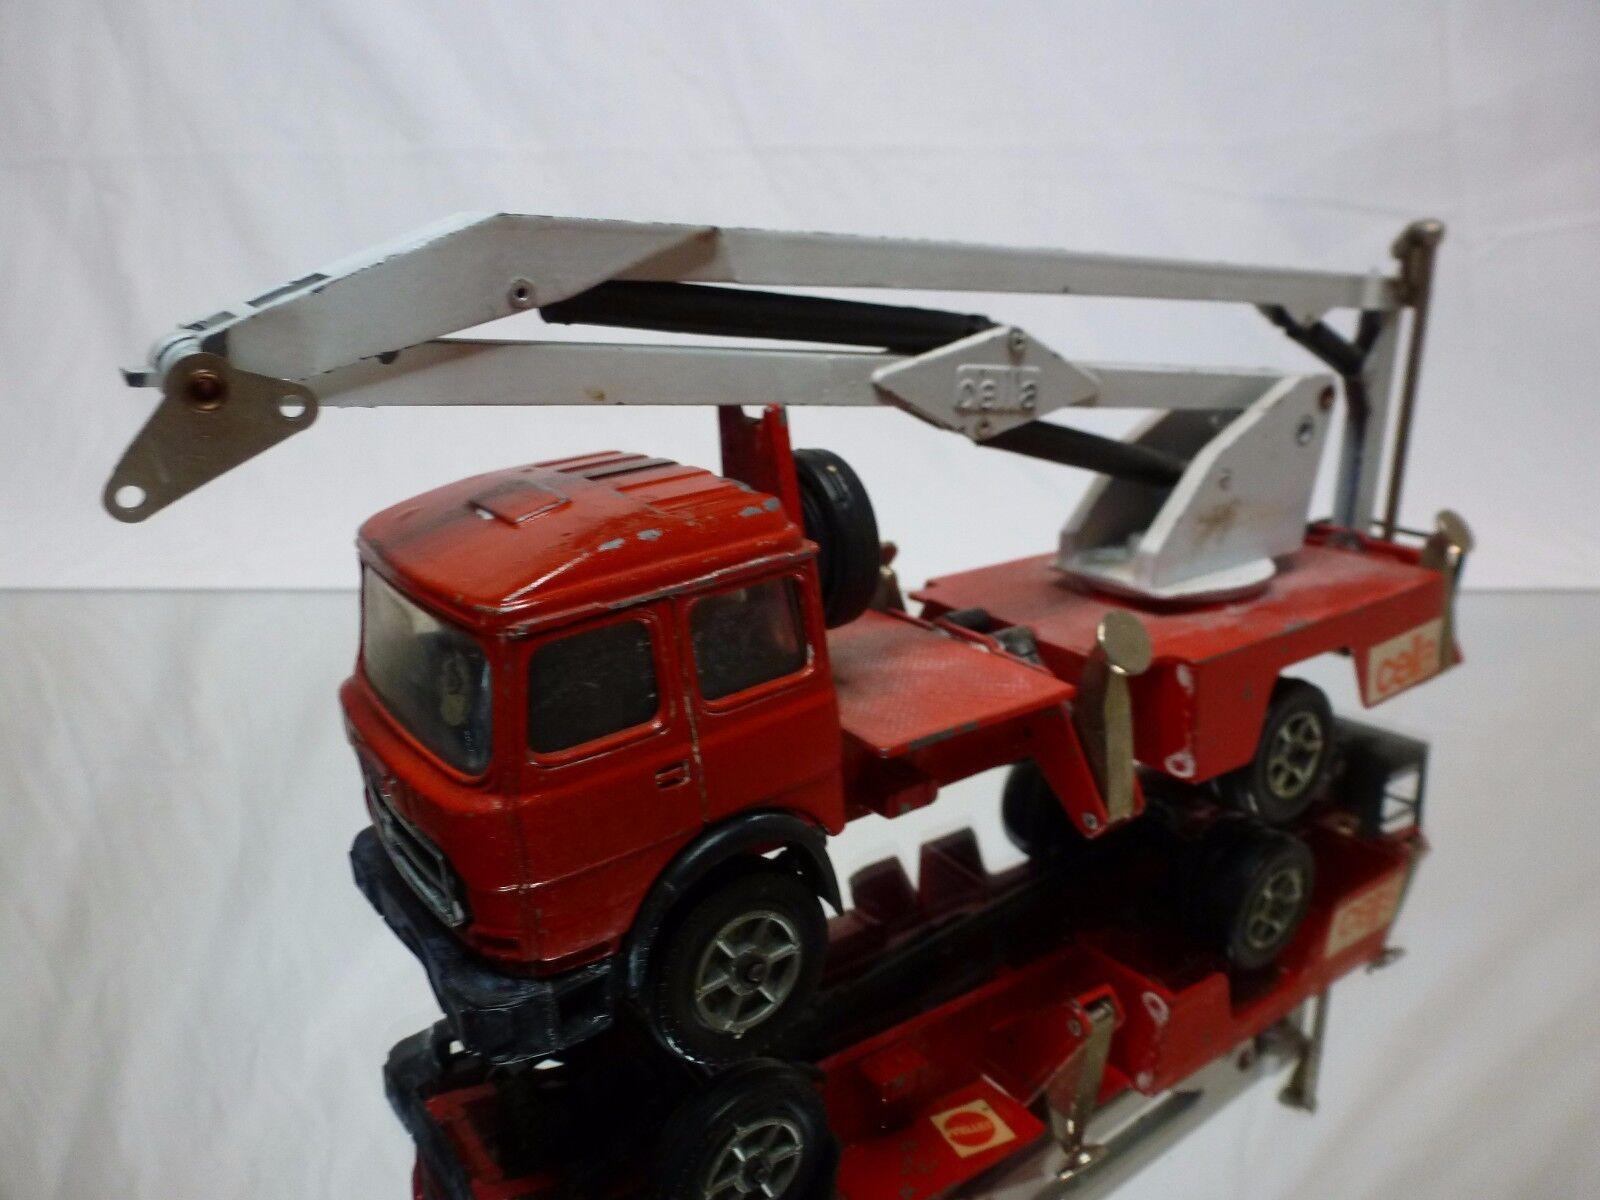 i nuovi stili più caldi FORMA giocattoli CELLA 3D FIAT 170 FIRE ENGINE ENGINE ENGINE  - rosso 1 43 - BAD CONDITION - BARLUX  edizione limitata